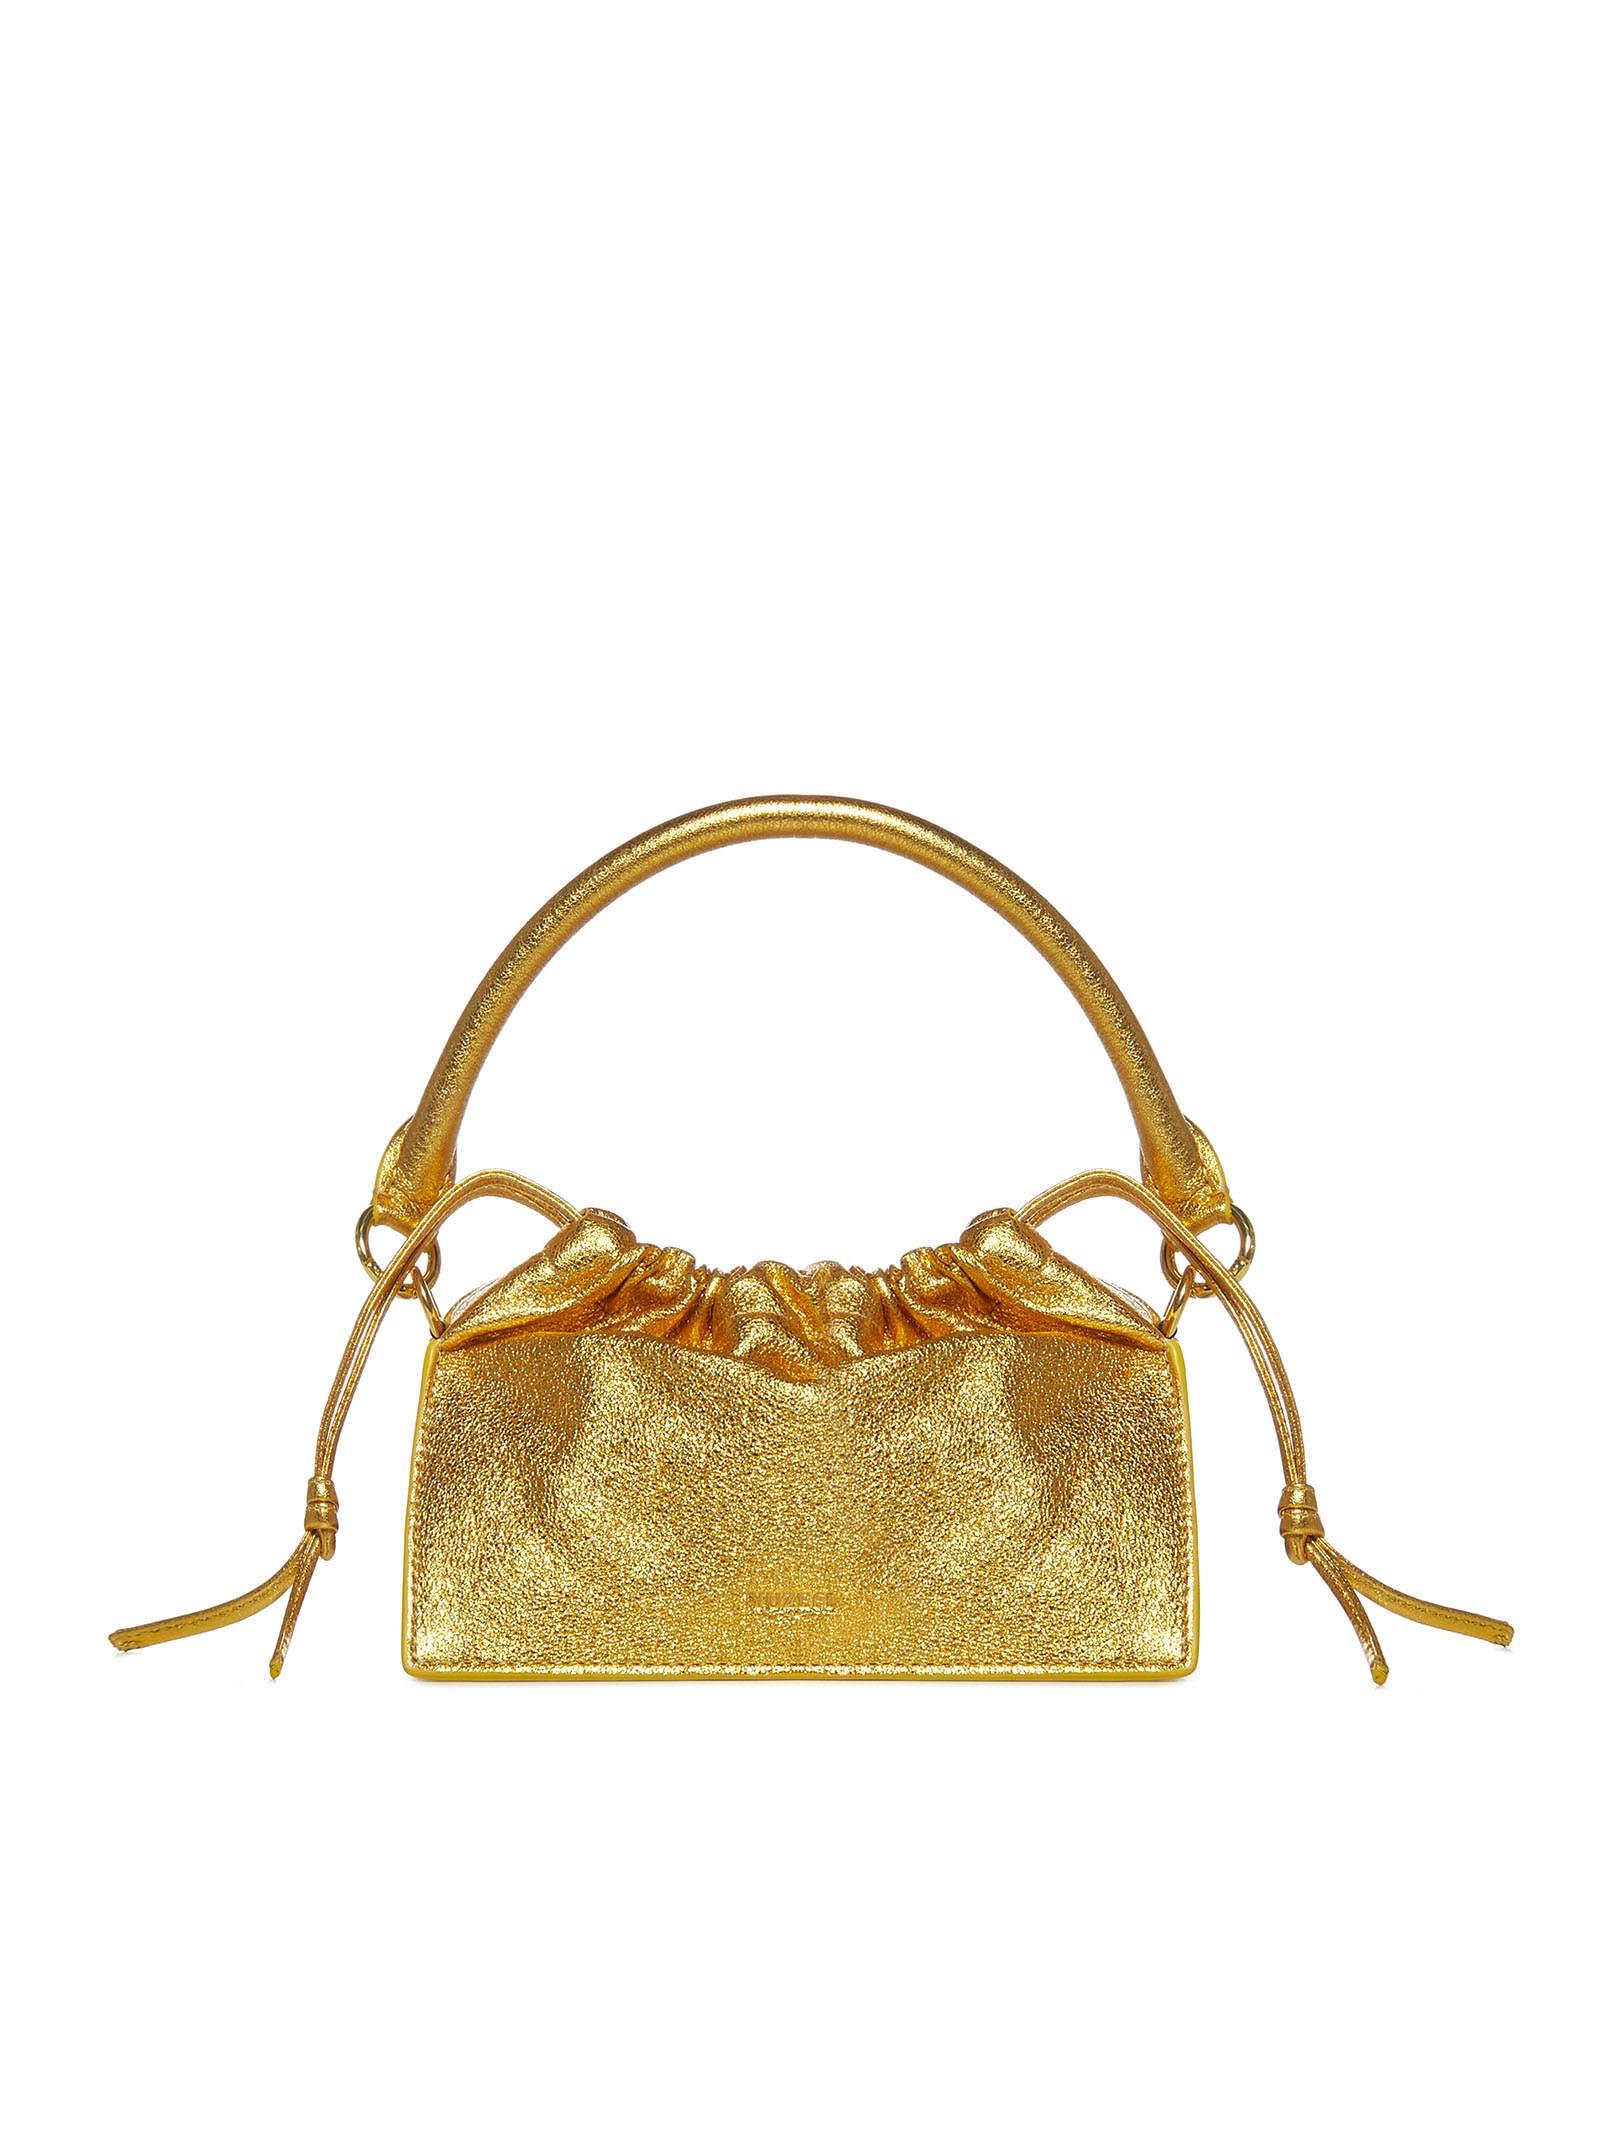 YUZEFI Mini Bom Leather Bag